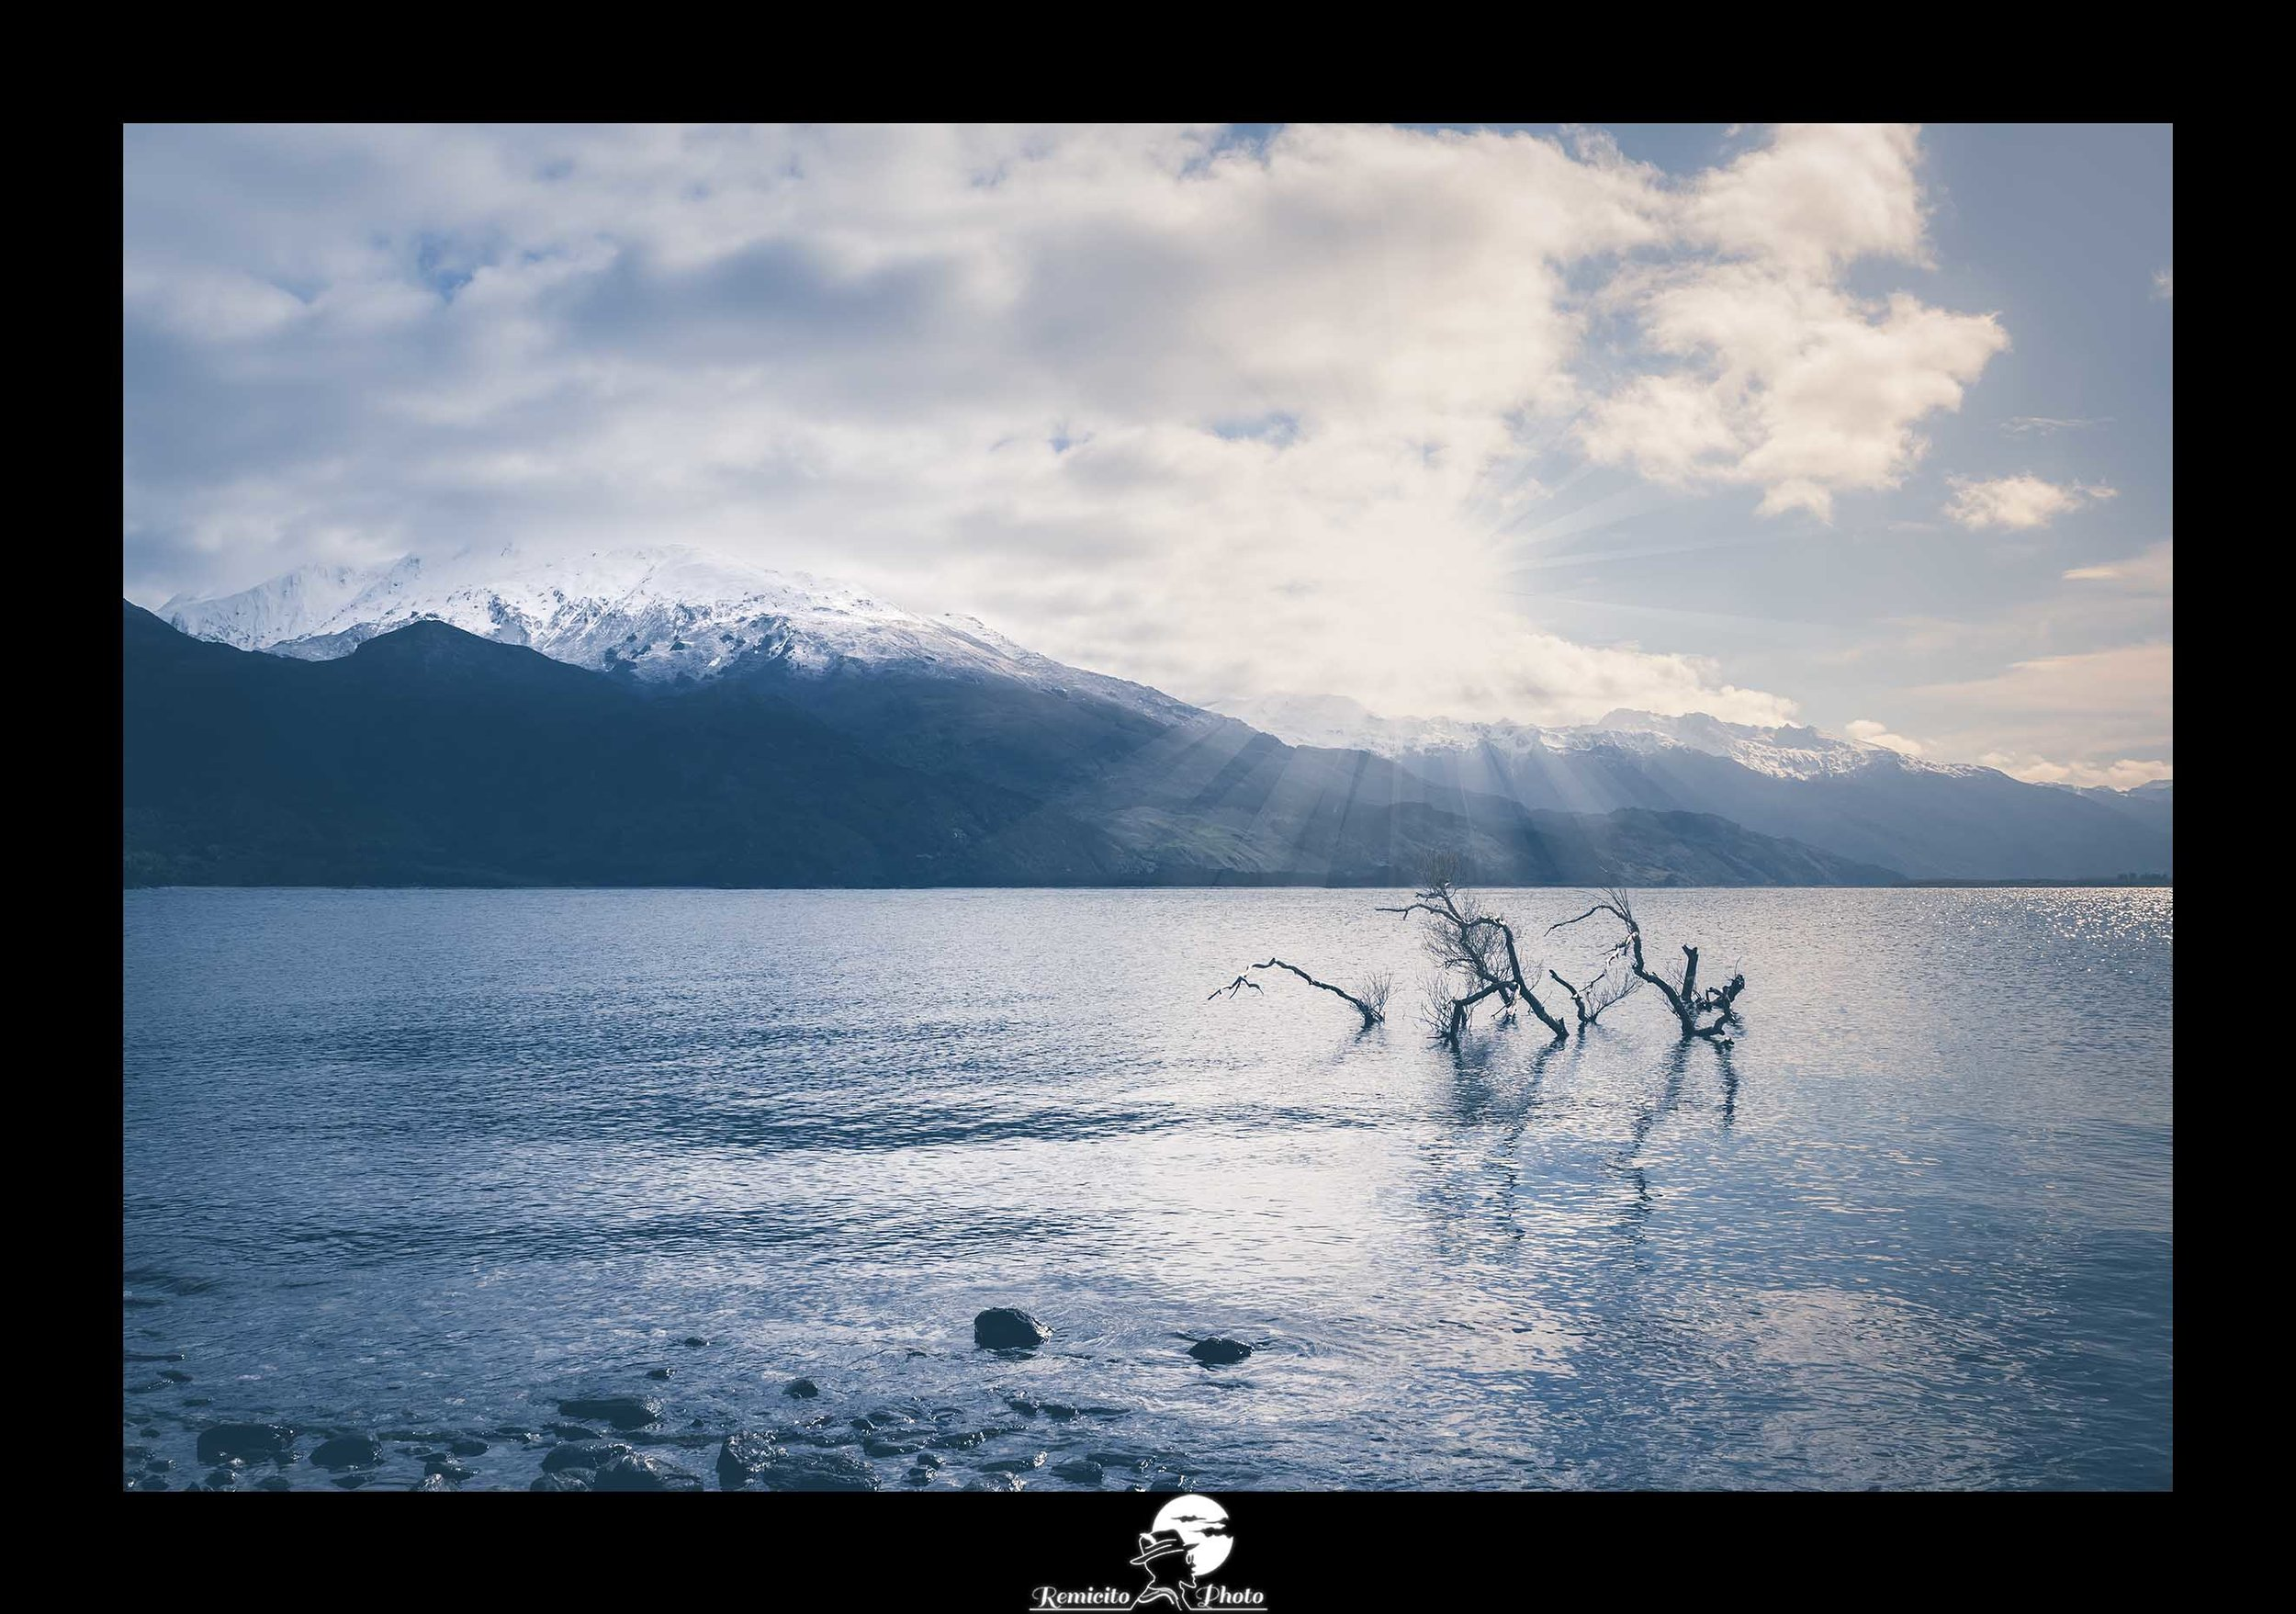 Remicito photo, remicito rémi lacombe photographe paris, belle photo arbre lac nouvelle zélande, idée cadeau belle photo nature nouvelle zélande lac arbre